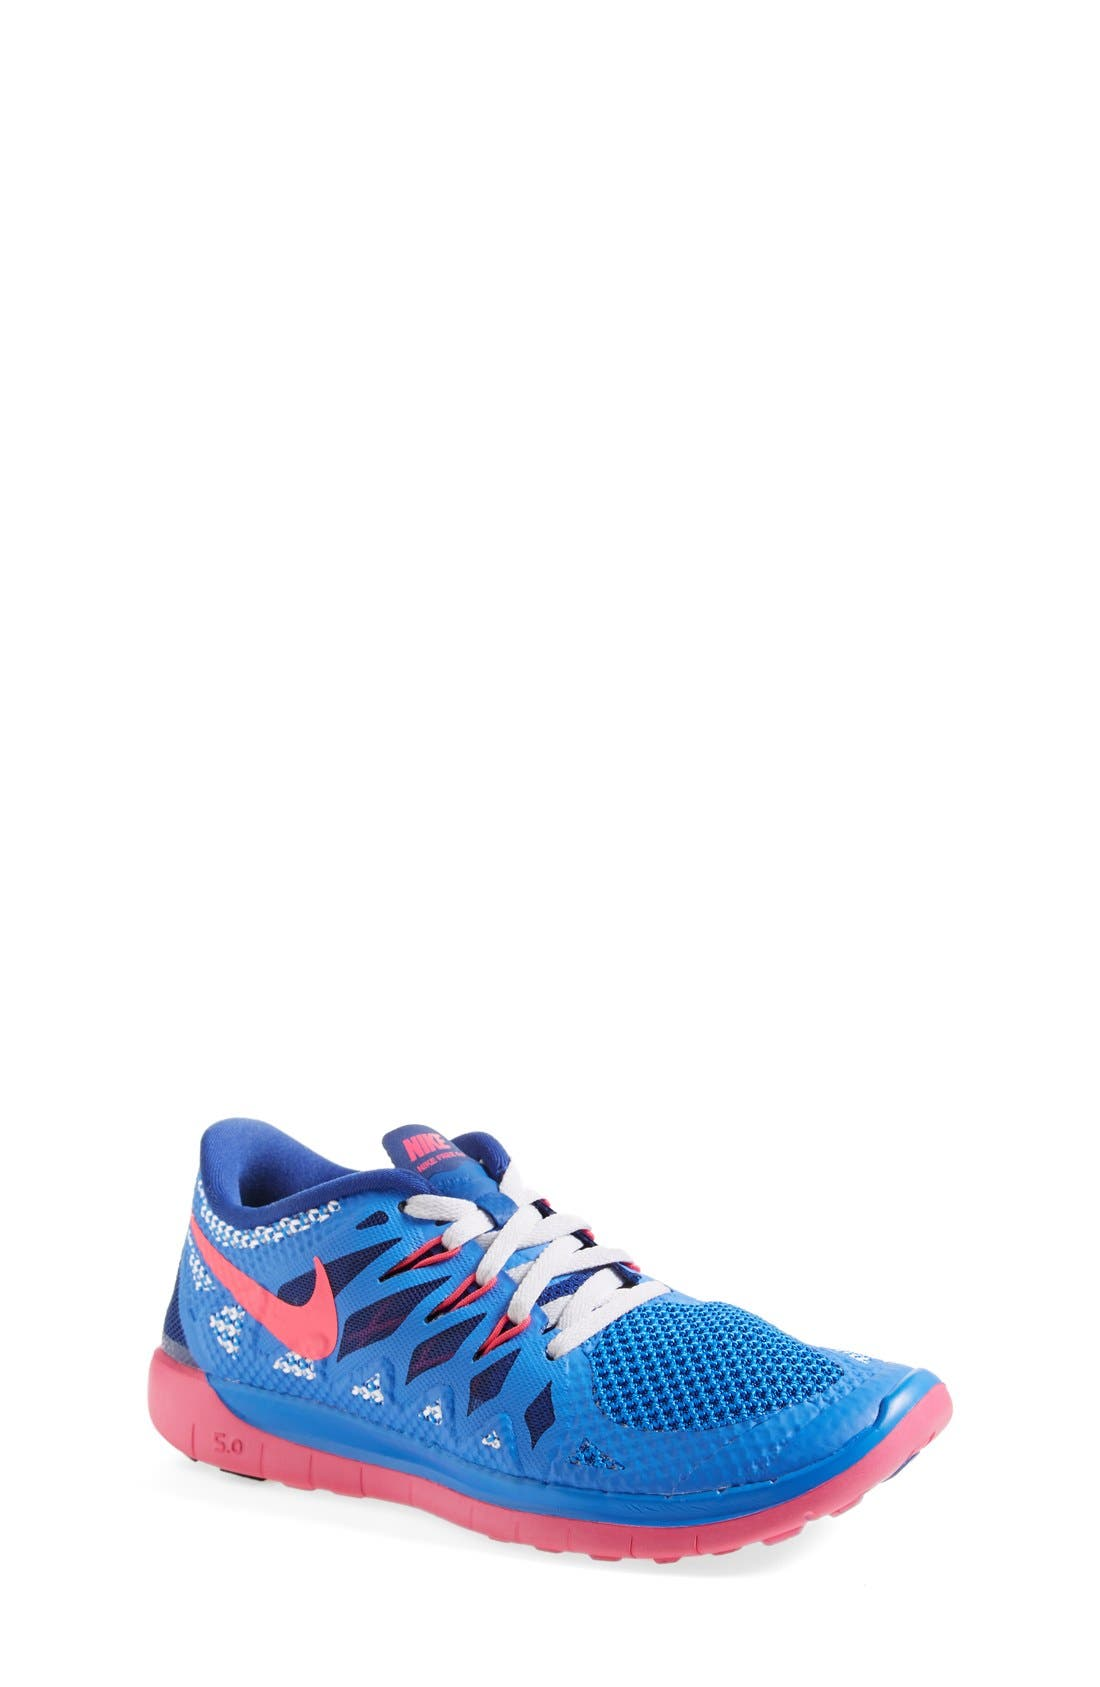 Main Image - Nike 'Free 5.0' Running Shoe (Big Kid)